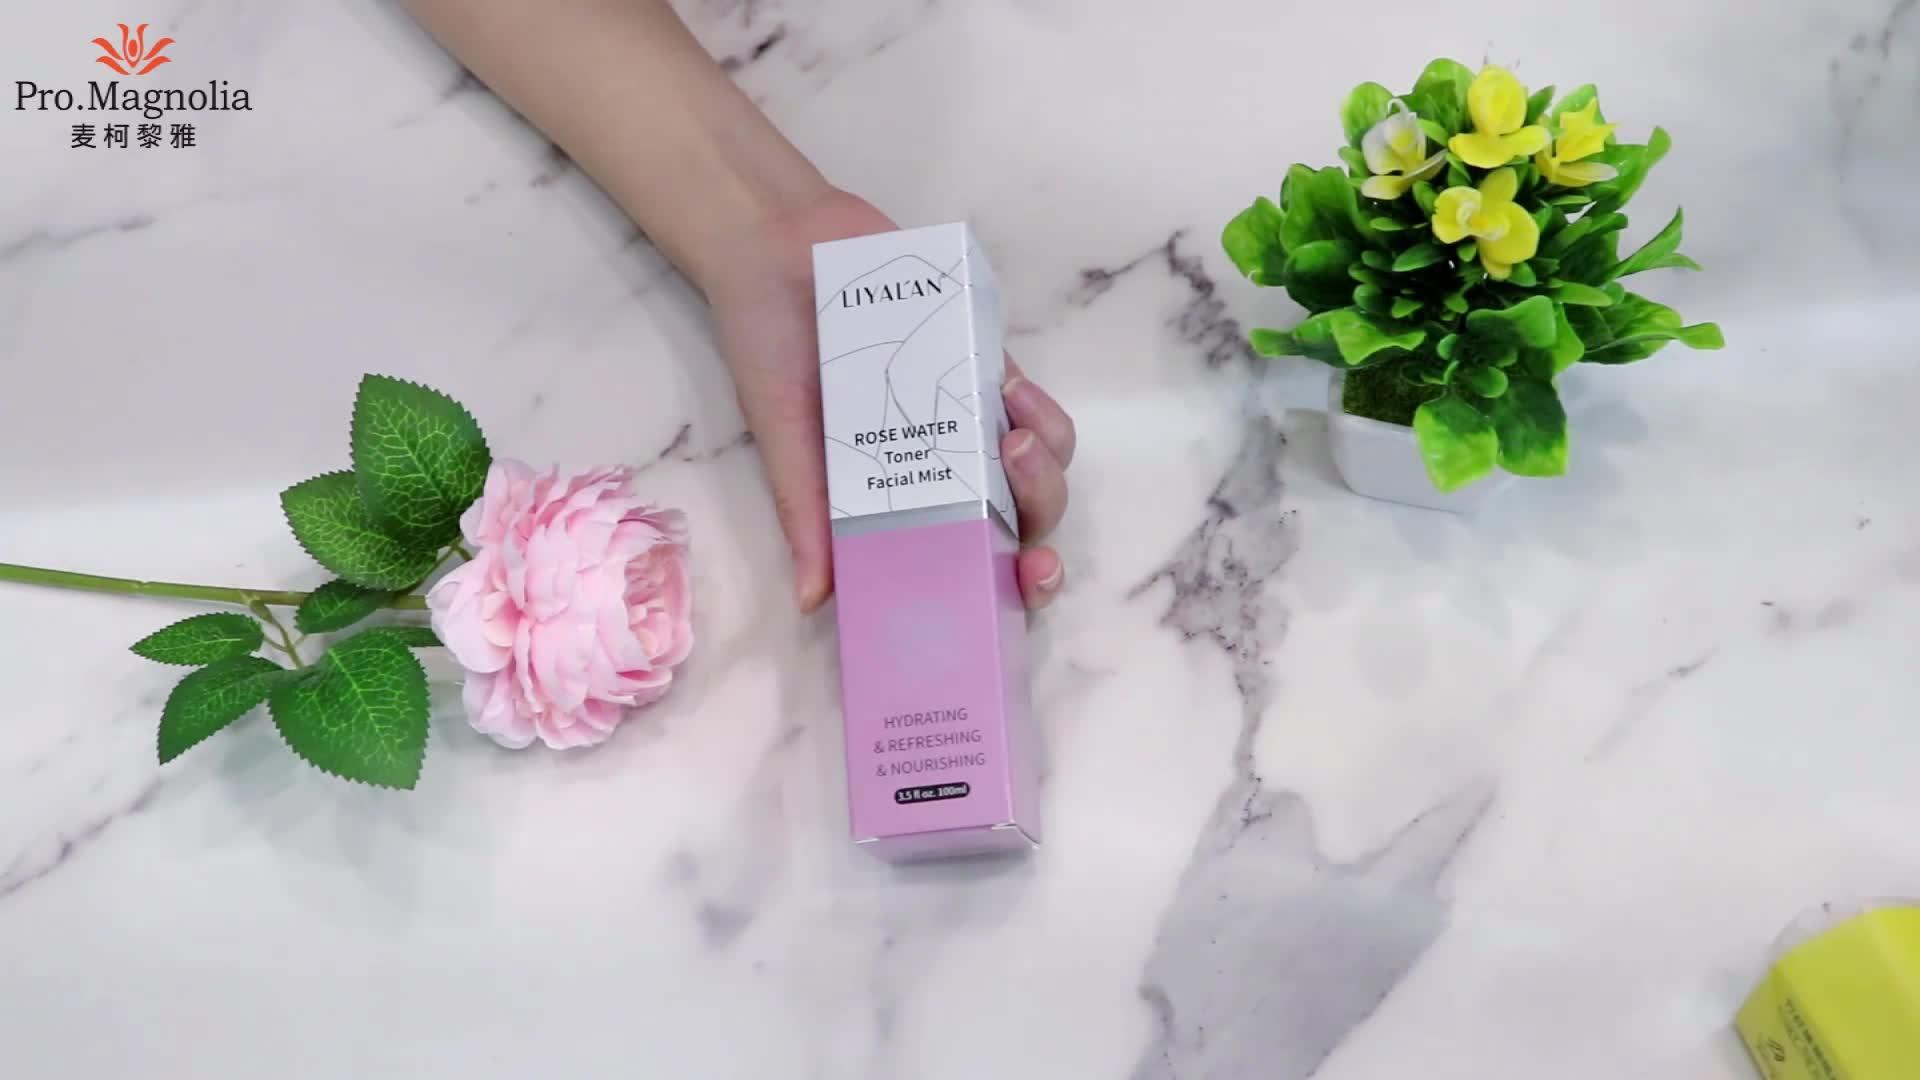 Nhãn Hiệu riêng bán buôn số lượng lớn hữu cơ tự nhiên tinh khiết tăng chiết xuất Hoạt Động Facial Mist Nước Hoa Hồng